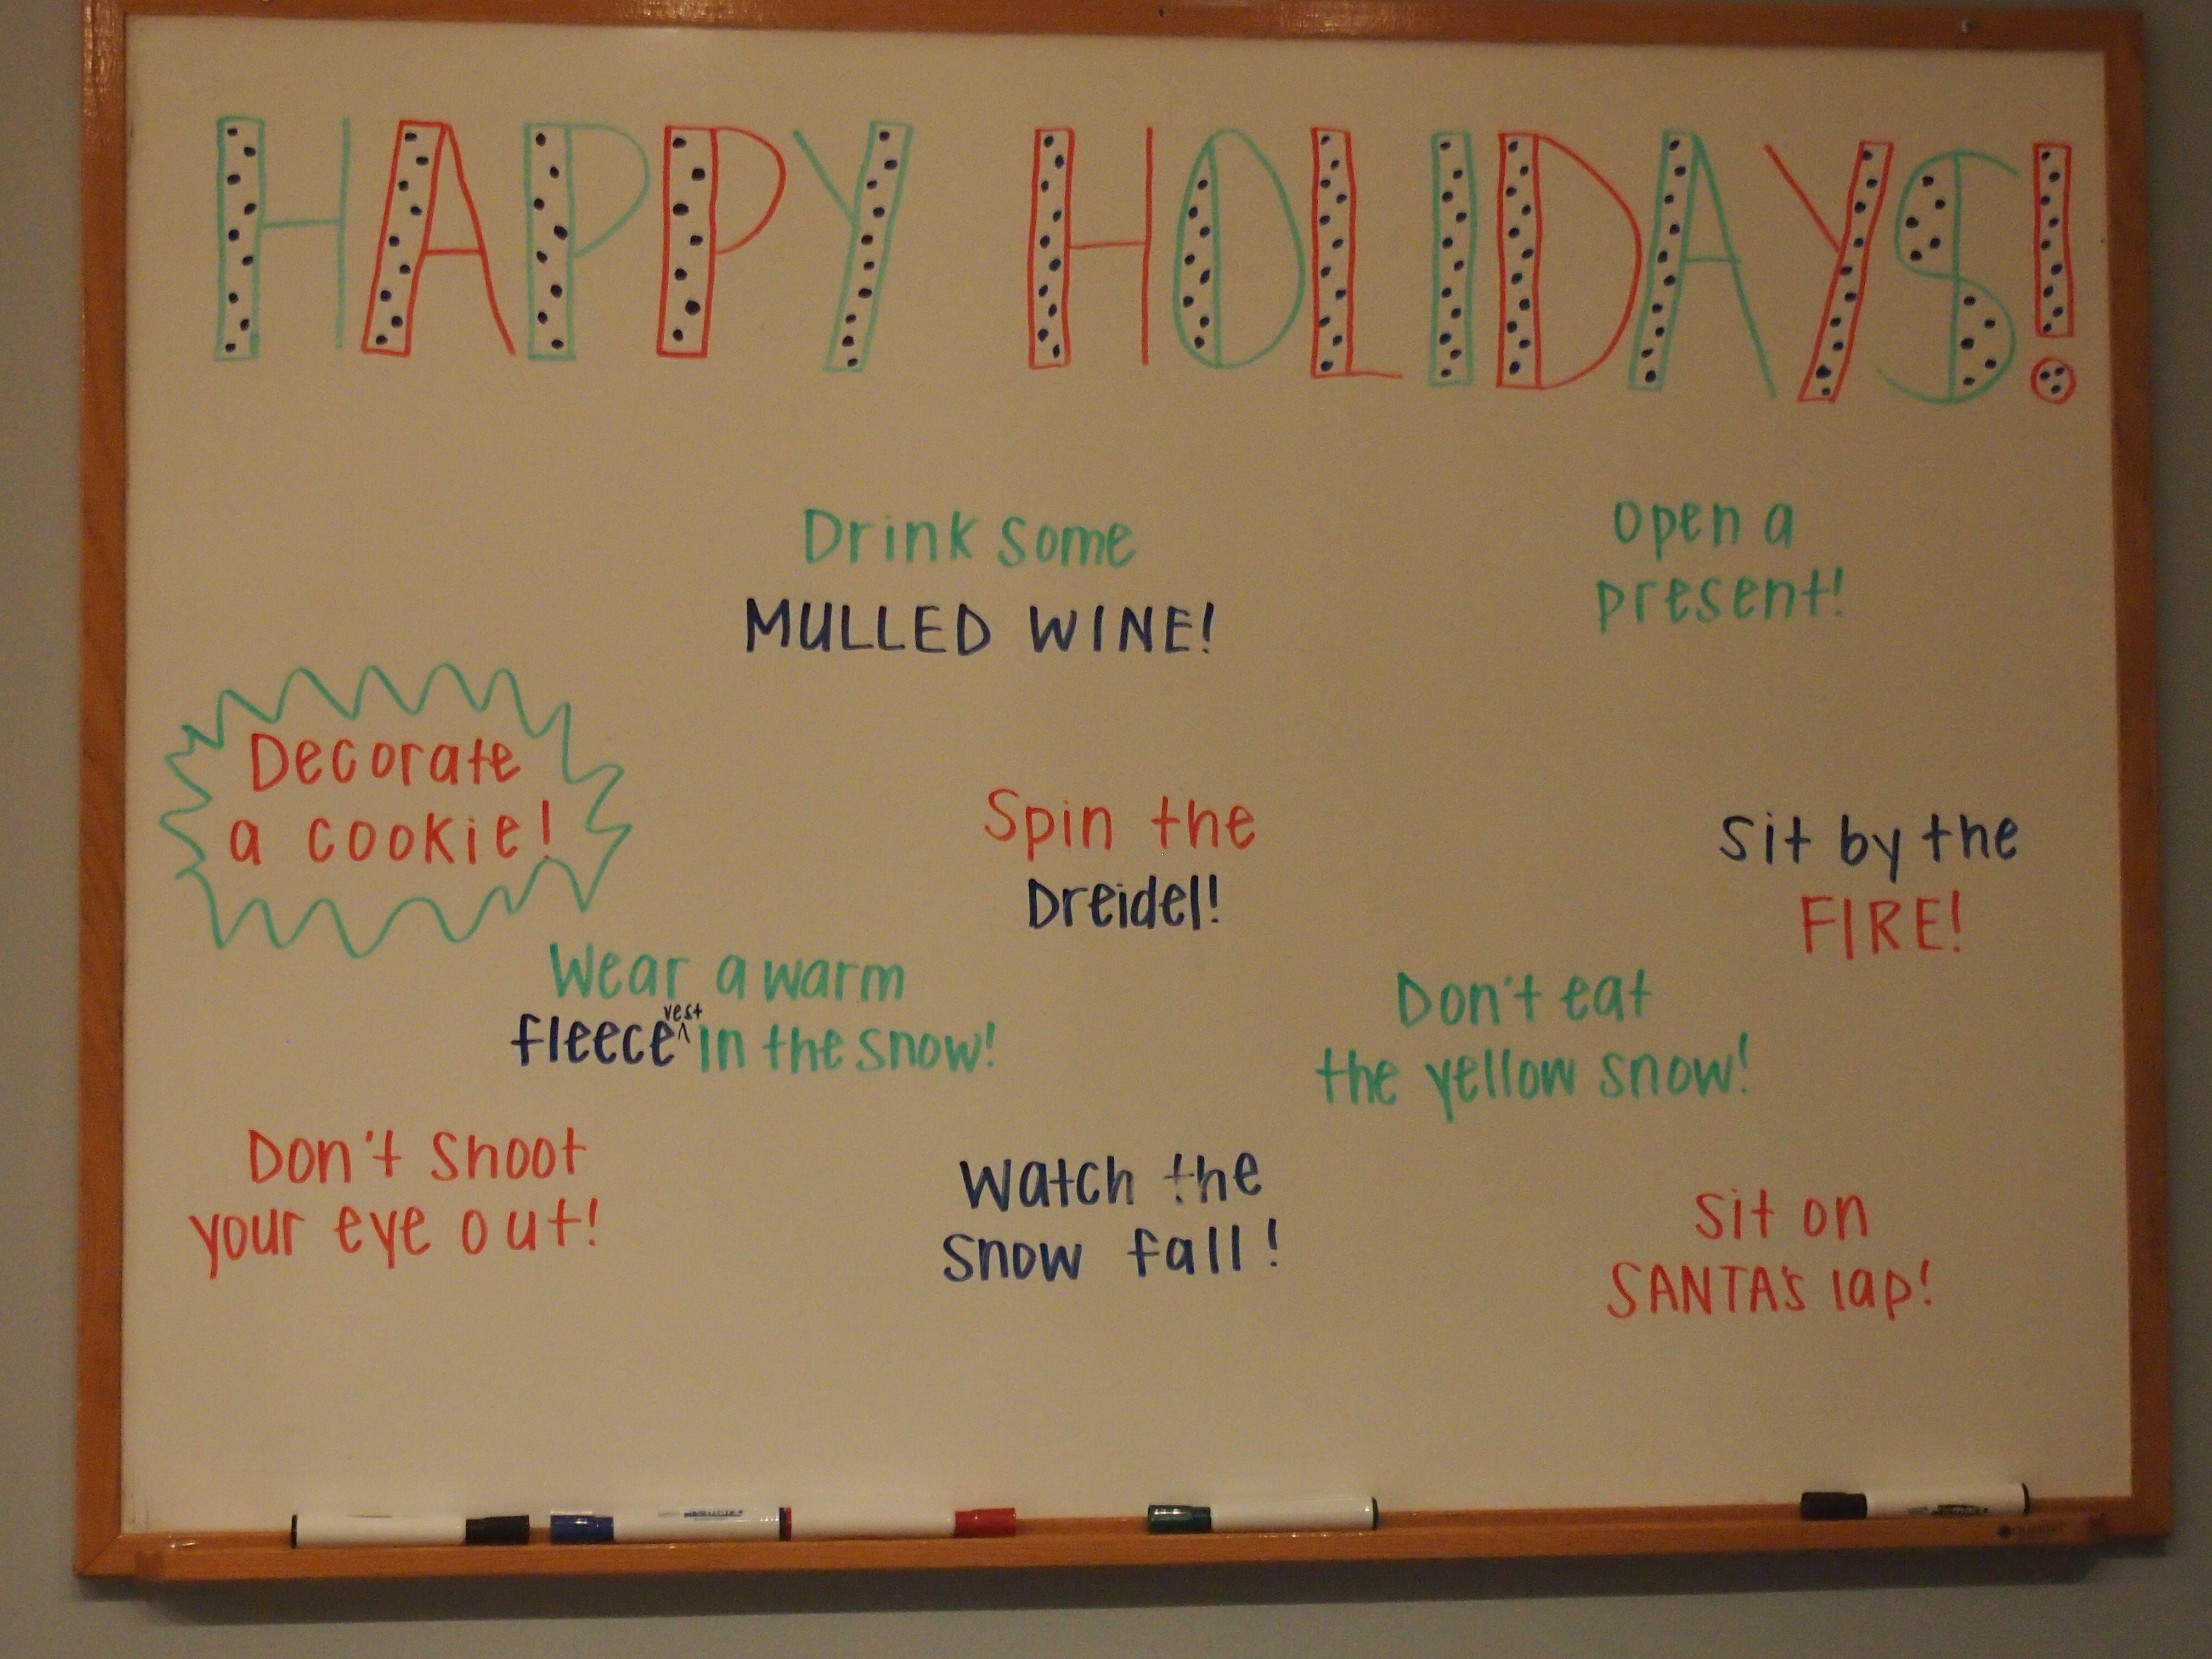 office whiteboard ideas. Fun Office Ideas - Holiday Whiteboard! #officeideas #worklife #funattheoffice Whiteboard U